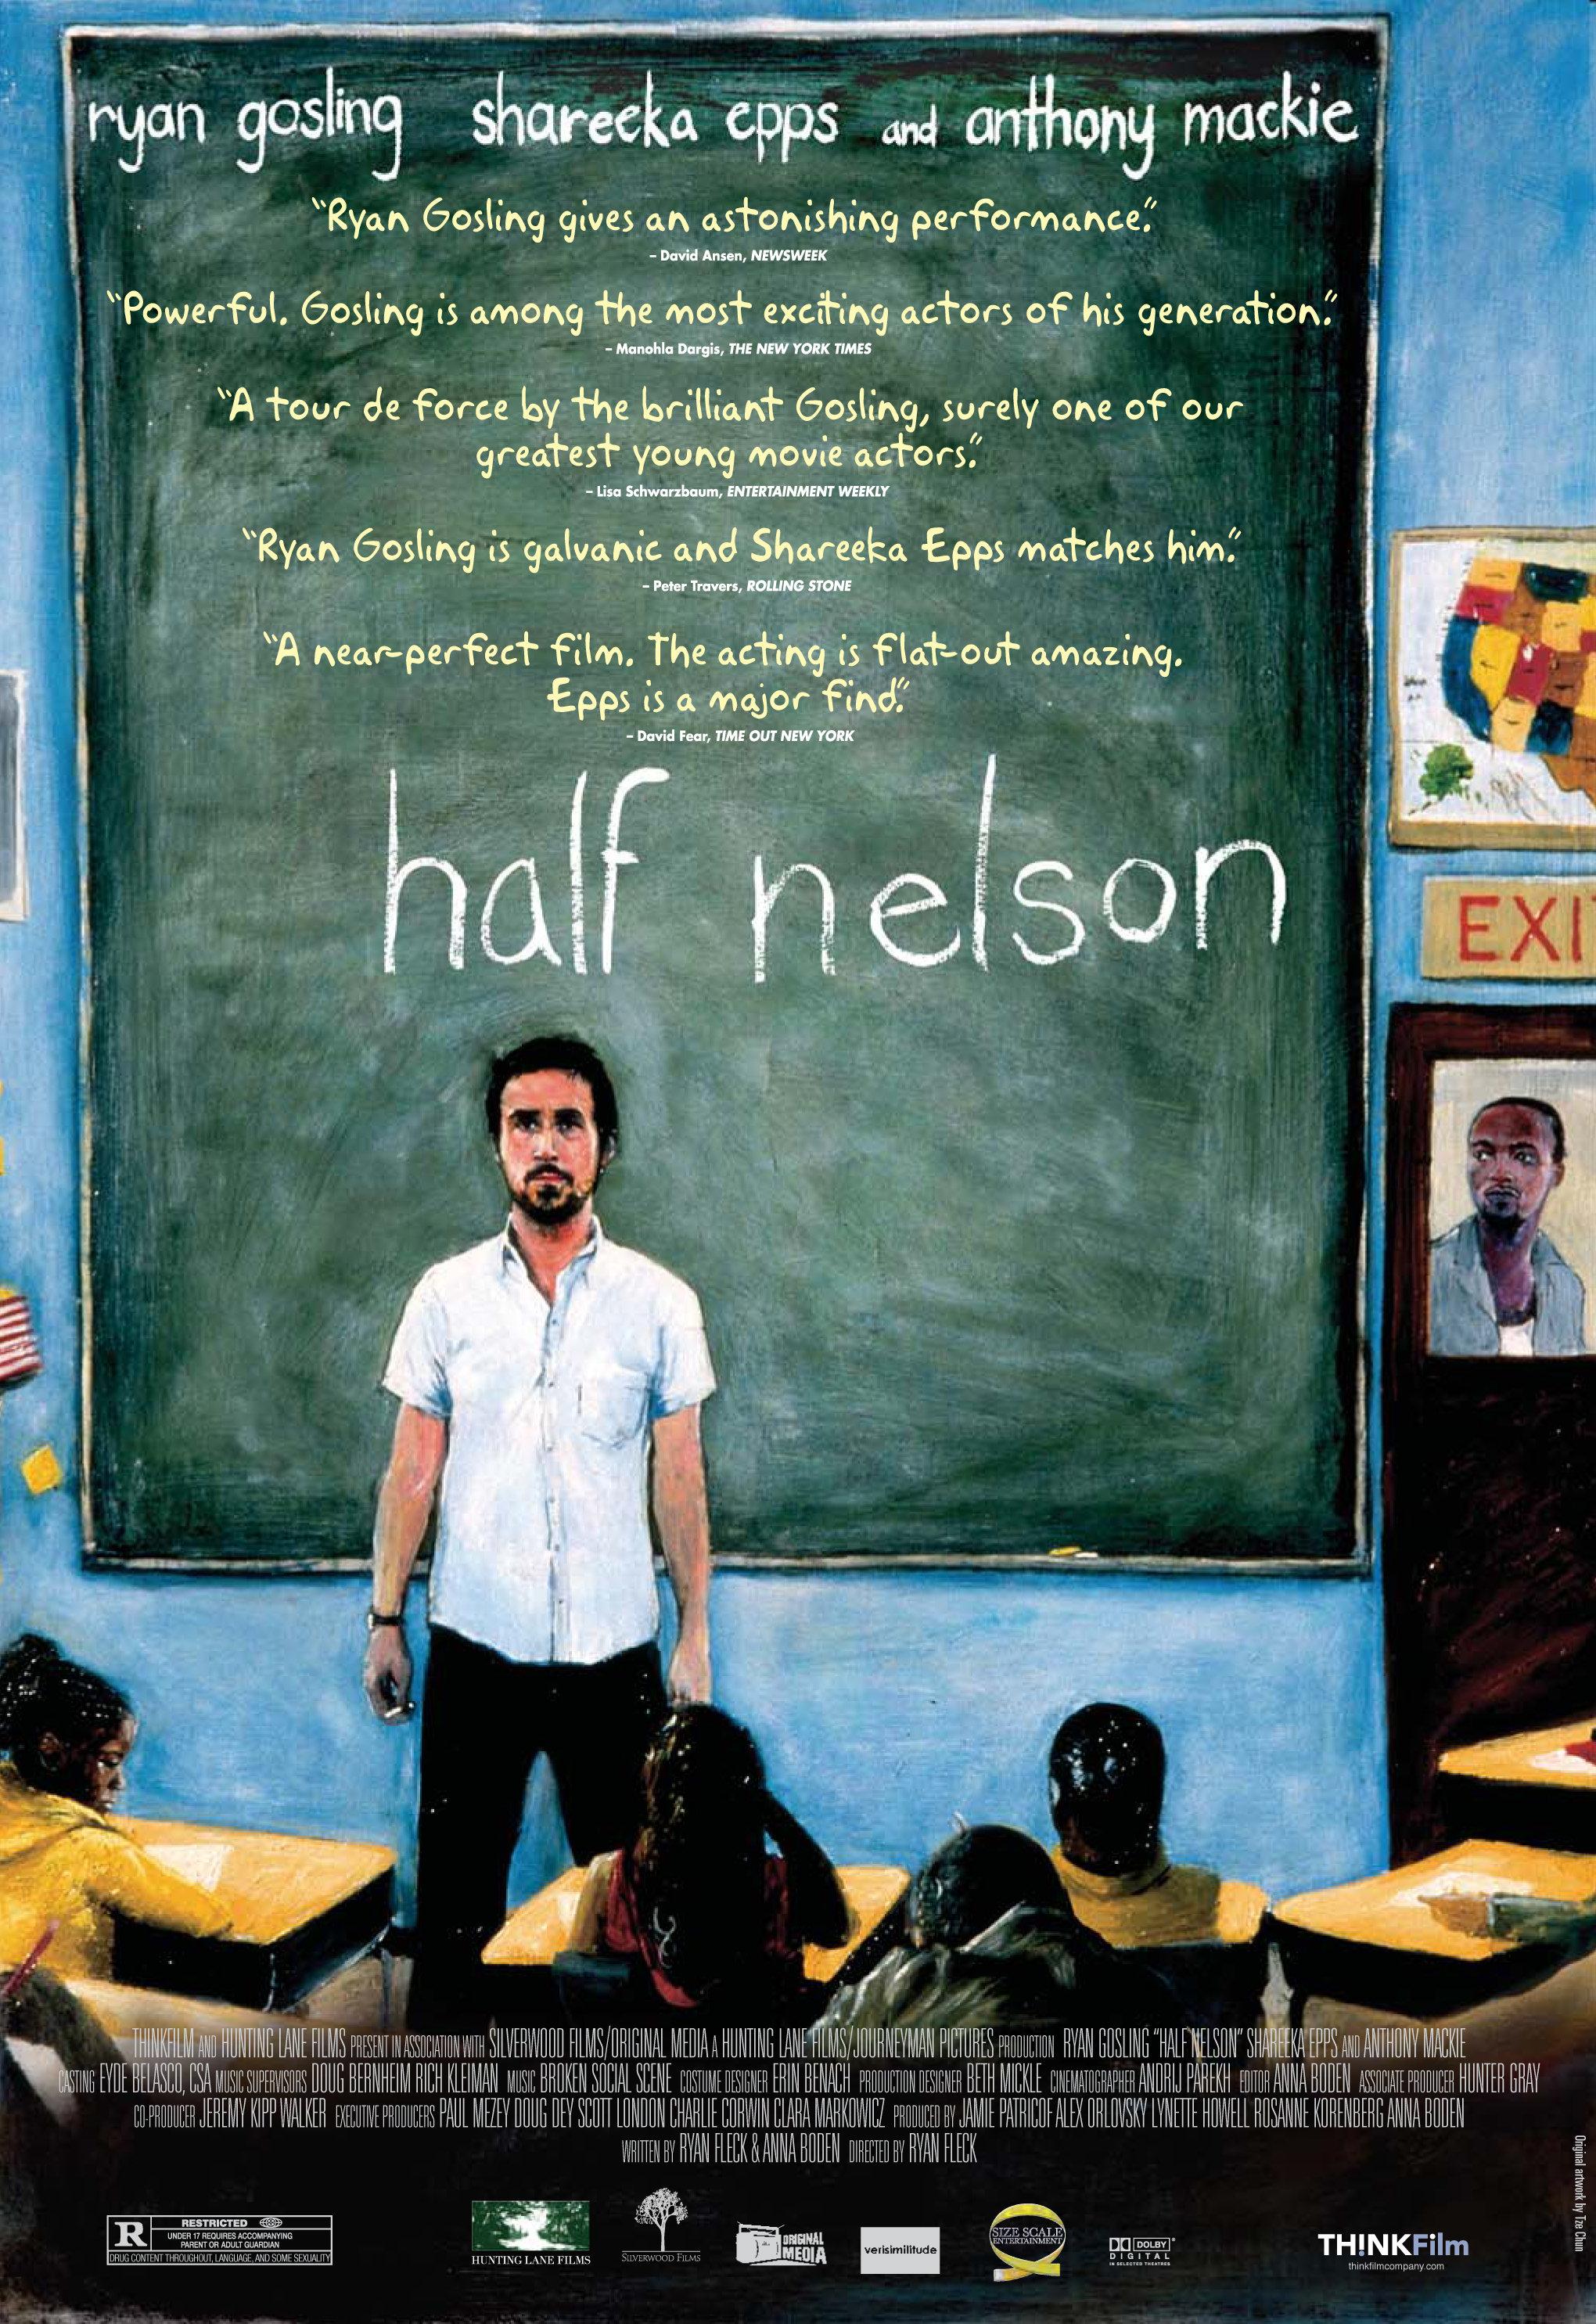 Half Nelson (2006) BluRay 480p, 720p & 1080p